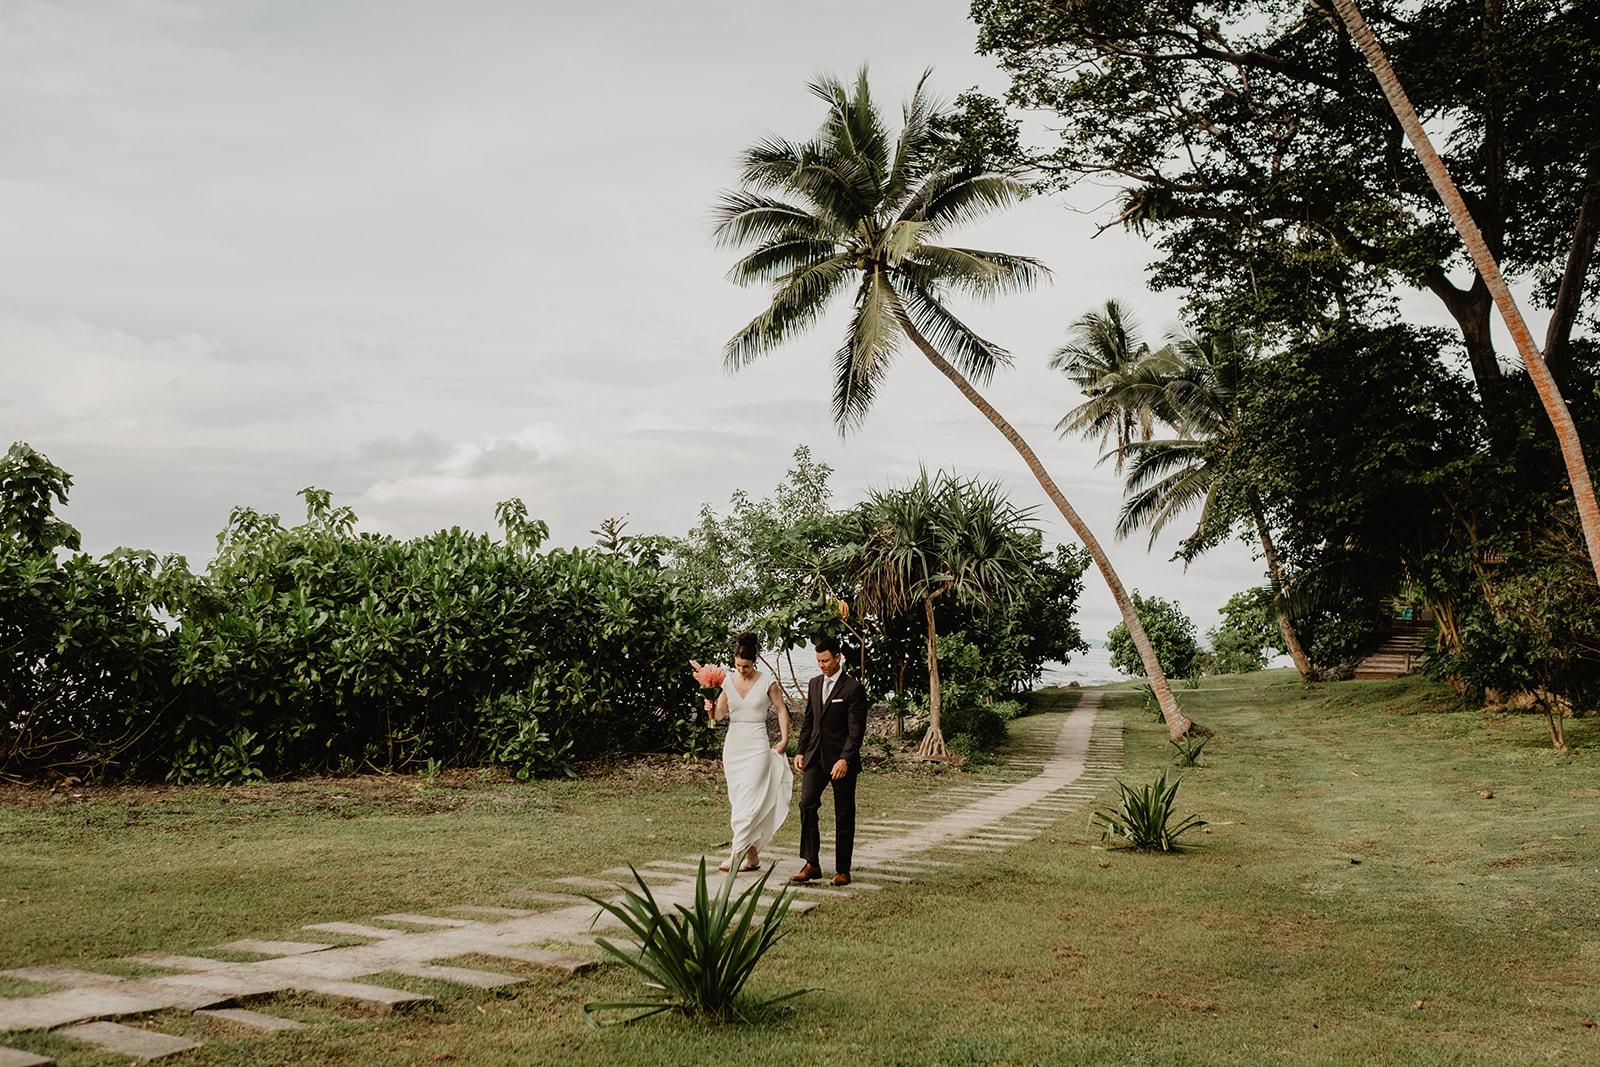 2019-05-06 Jaclyn and Wayne Remote Resort 2-342_websize.jpg